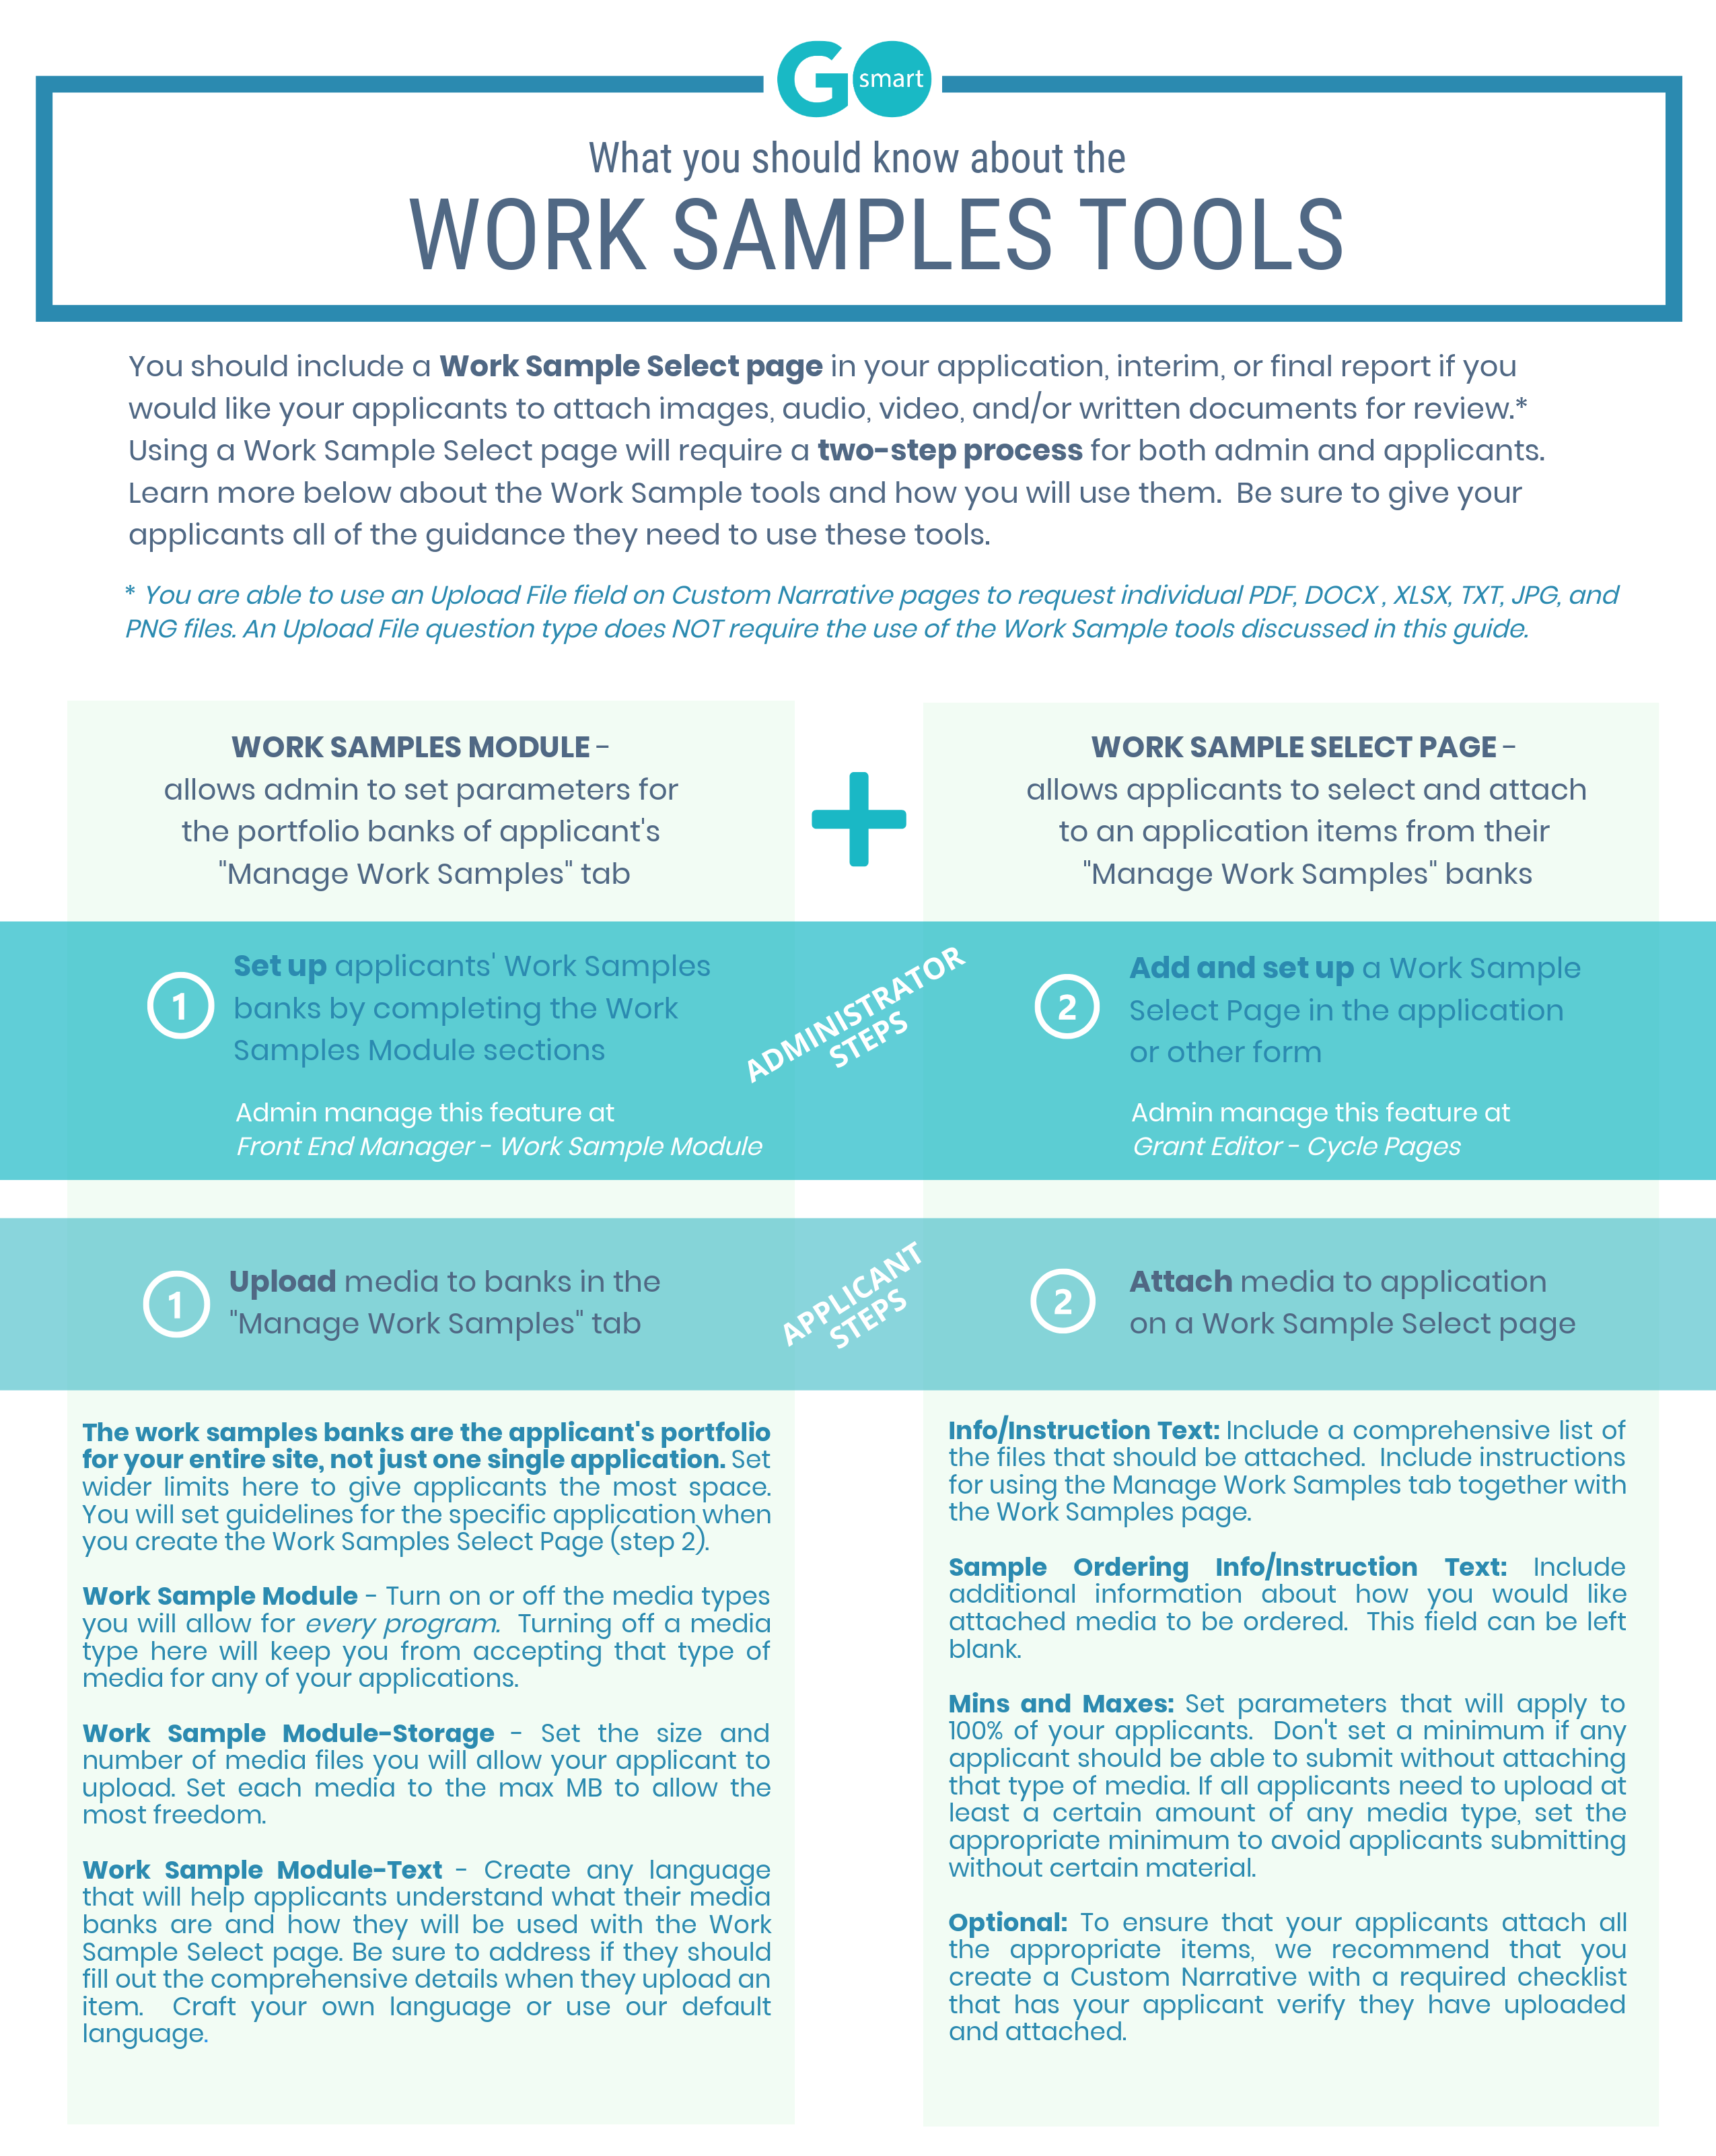 Work Sample Tools